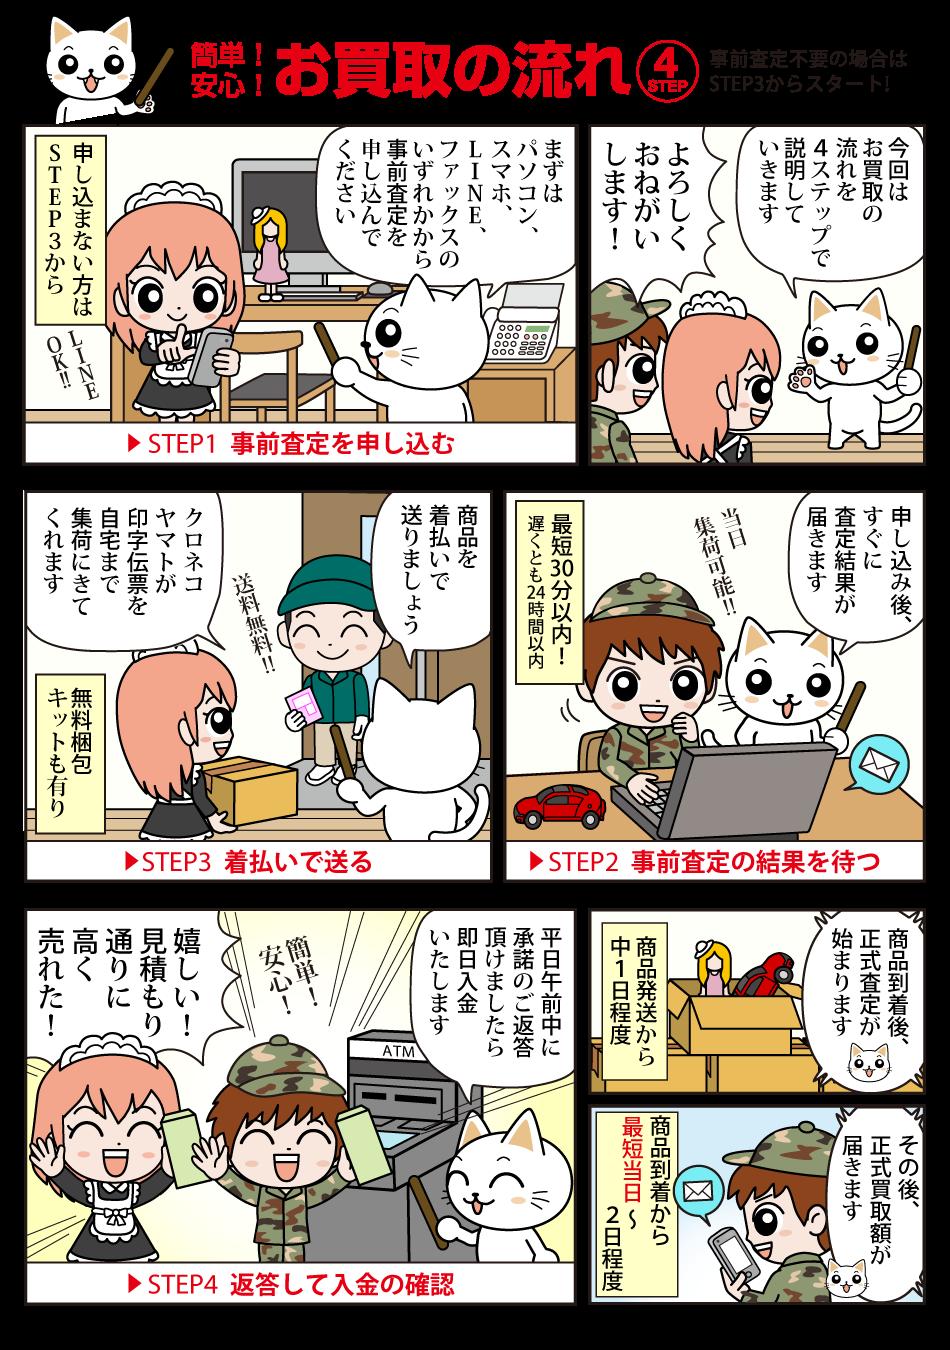 簡単で安心、おもちゃ買取ドットJPの使い方を漫画で説明しています!